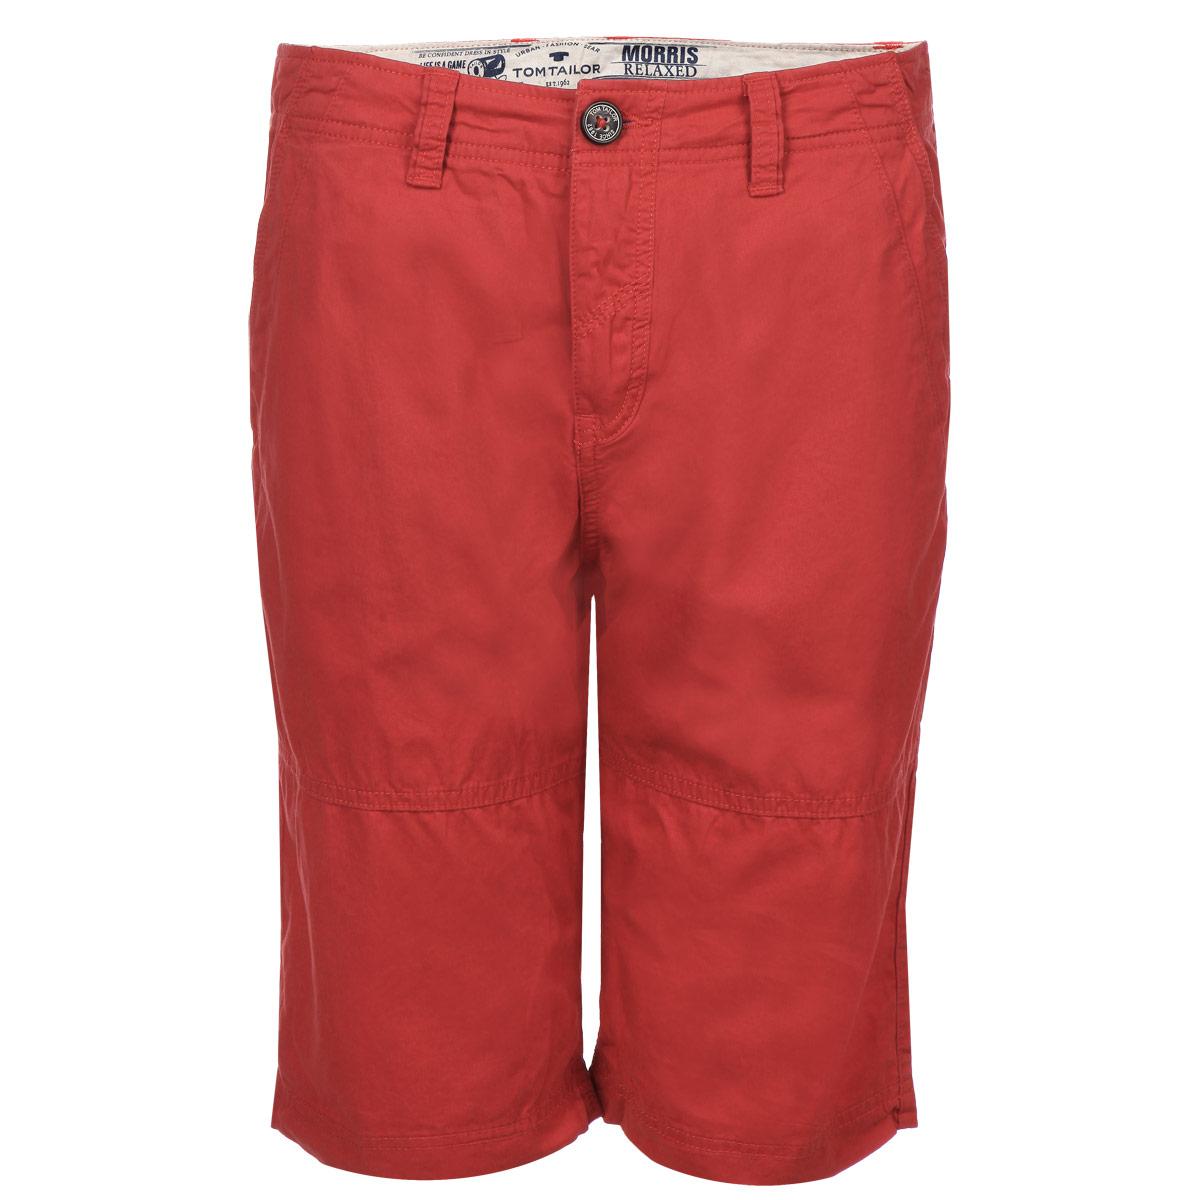 Шорты мужские. 6403307.00.106403307.00.10_4502Стильные мужские шорты Tom Tailor средней посадки изготовлены из высококачественного плотного хлопка, послужат отличным дополнением к вашему современному образу. Застегиваются шорты на пуговицу в поясе и ширинку на молнии, имеются шлевки для ремня. Спереди модель оформлена двумя втачными карманами с косыми срезами, сзади - двумя накладными карманами. Эти модные и в тоже время комфортные шорты займут достойное место в вашем гардеробе. В них вы всегда будете чувствовать себя уютно и комфортно.